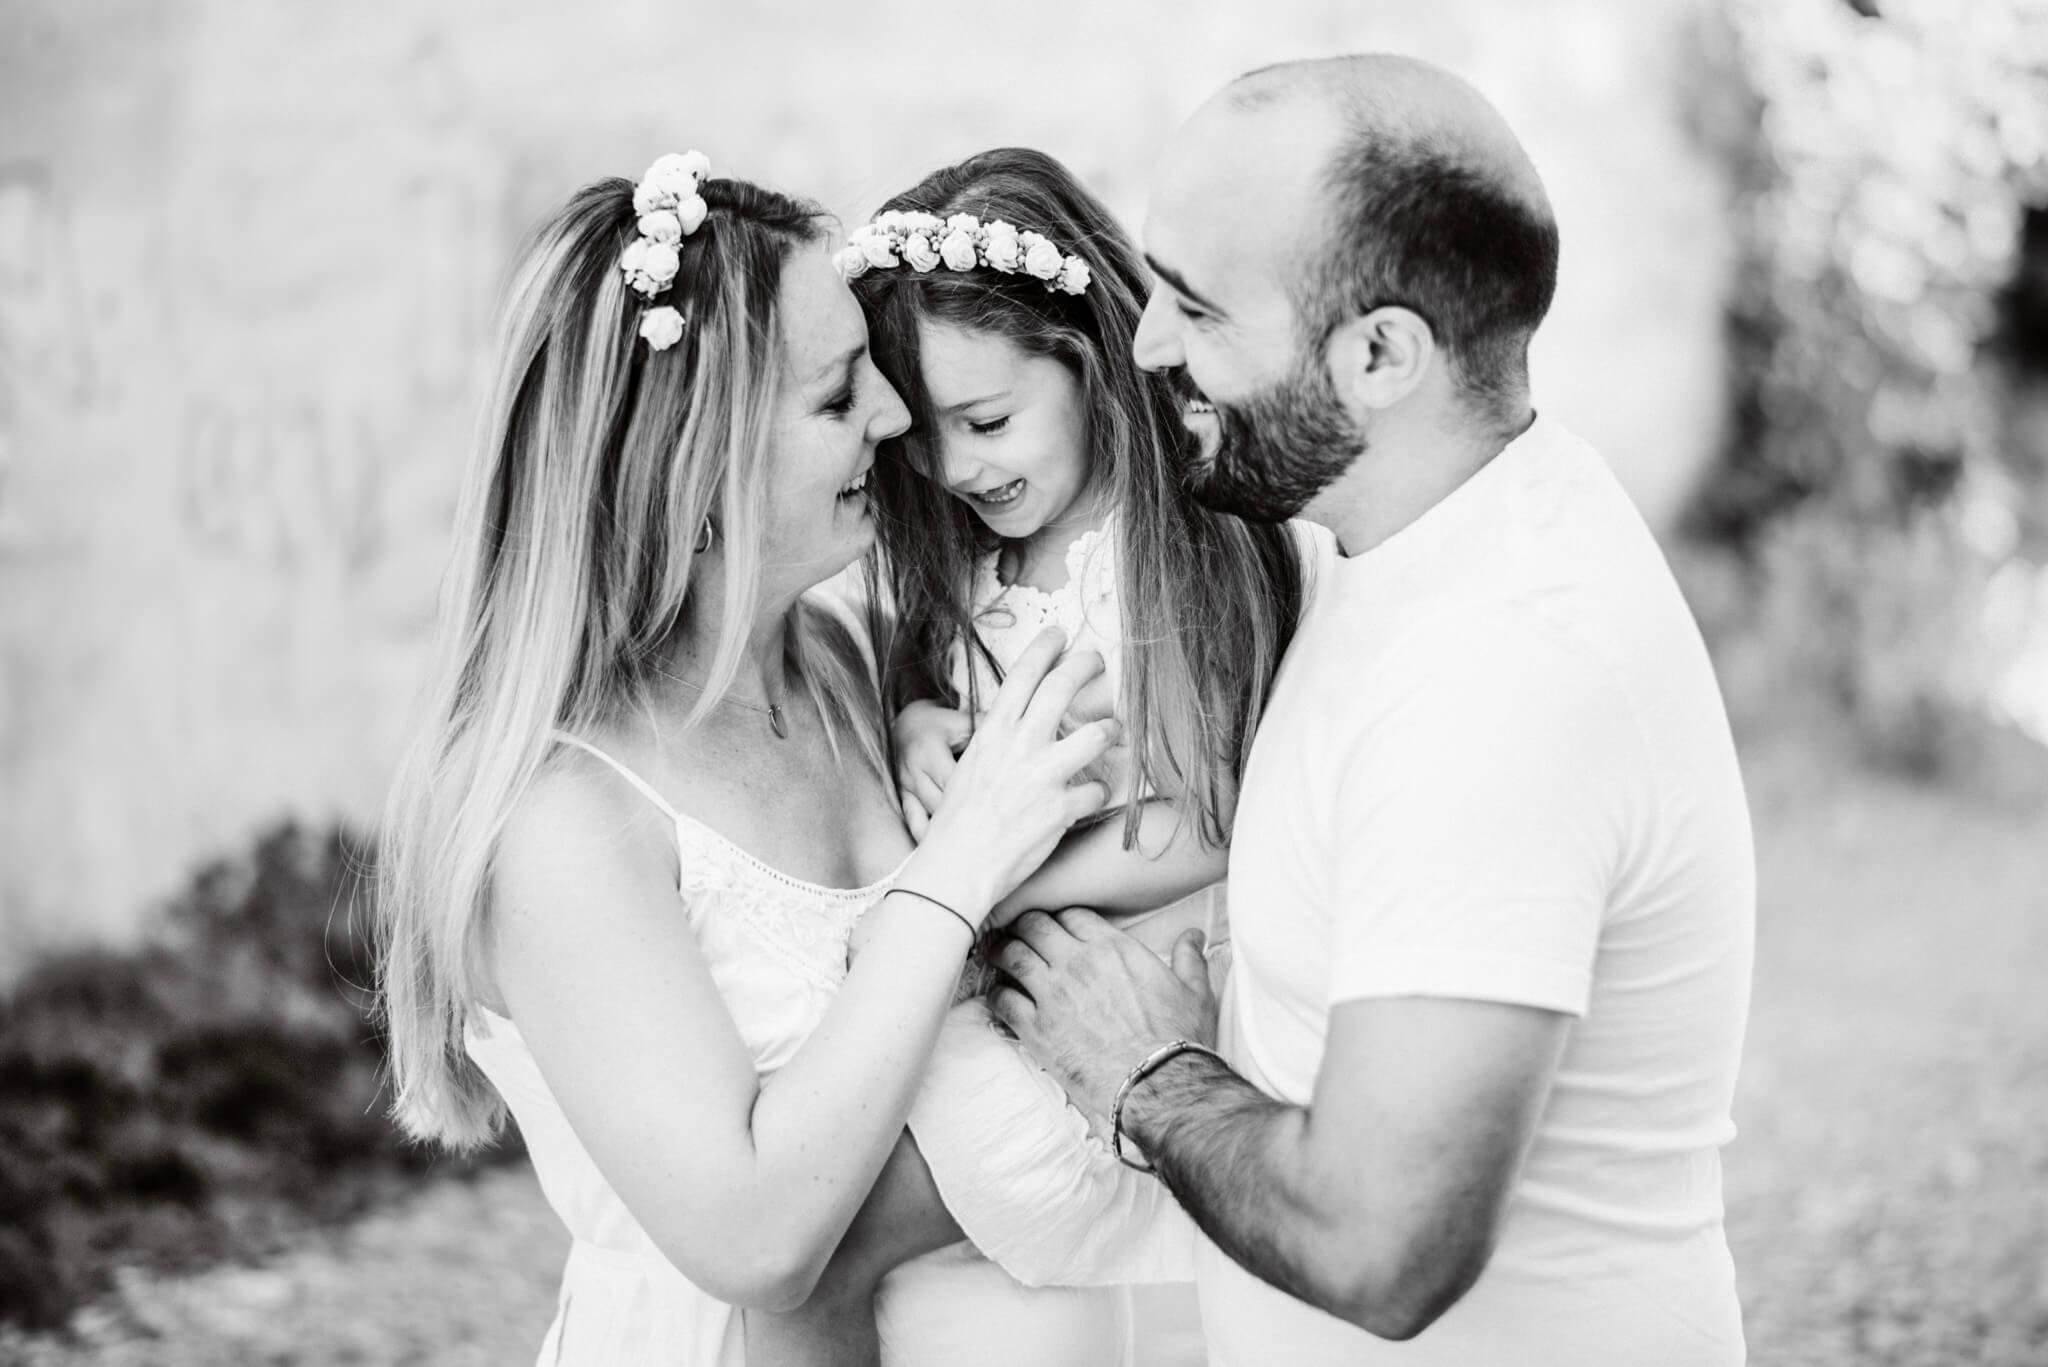 comment-photographier-une-seance-photo-famille-lifestyle-noir-blanc-couronne-fleurs-amour-naturelle